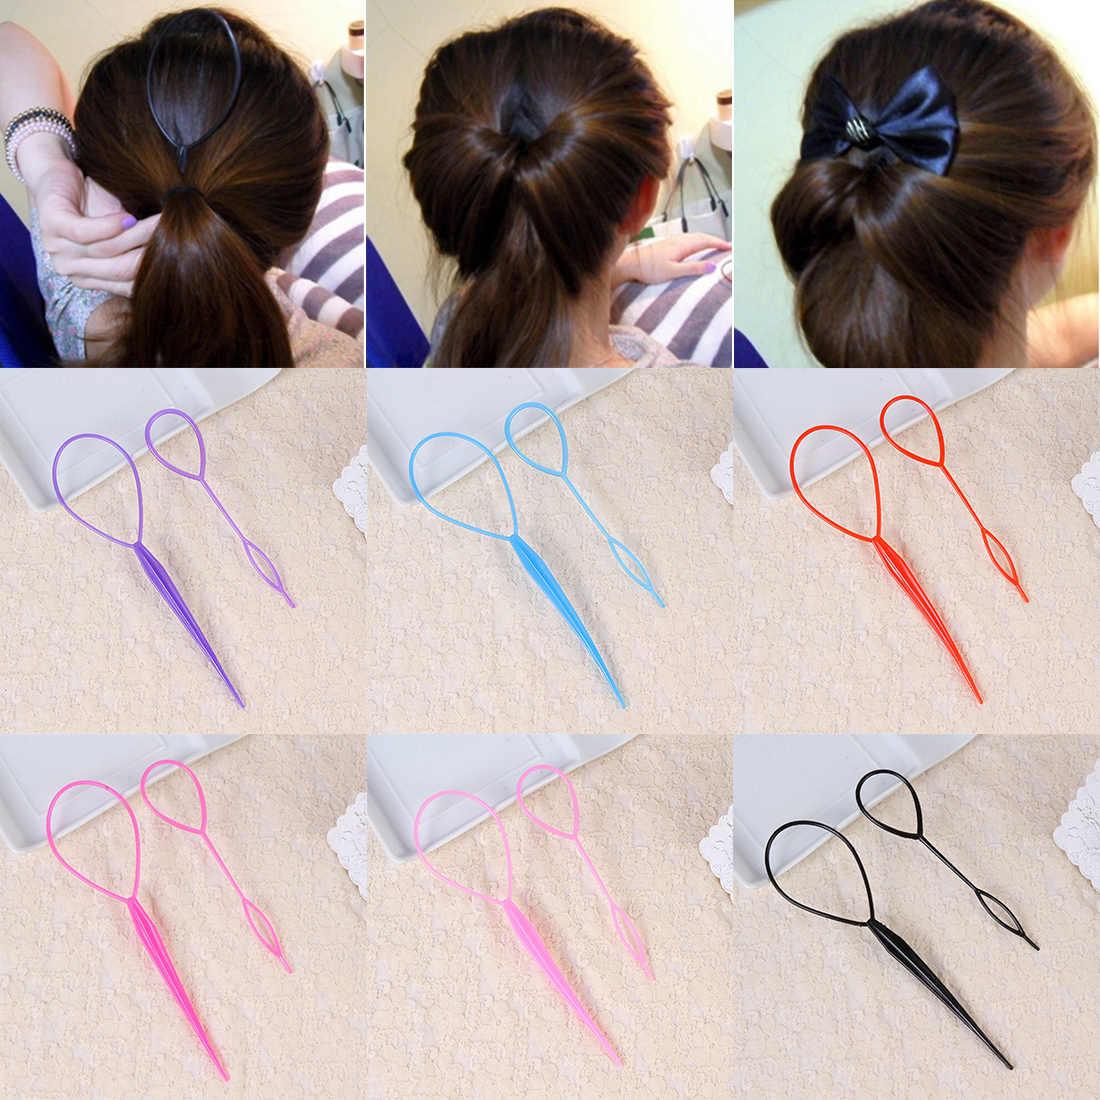 Multicolor pelo peinado tirar del pelo aguja de cola de caballo de Pelo trenzado creador bucle de cola Clip de uso en el hogar DIY peluquería herramientas